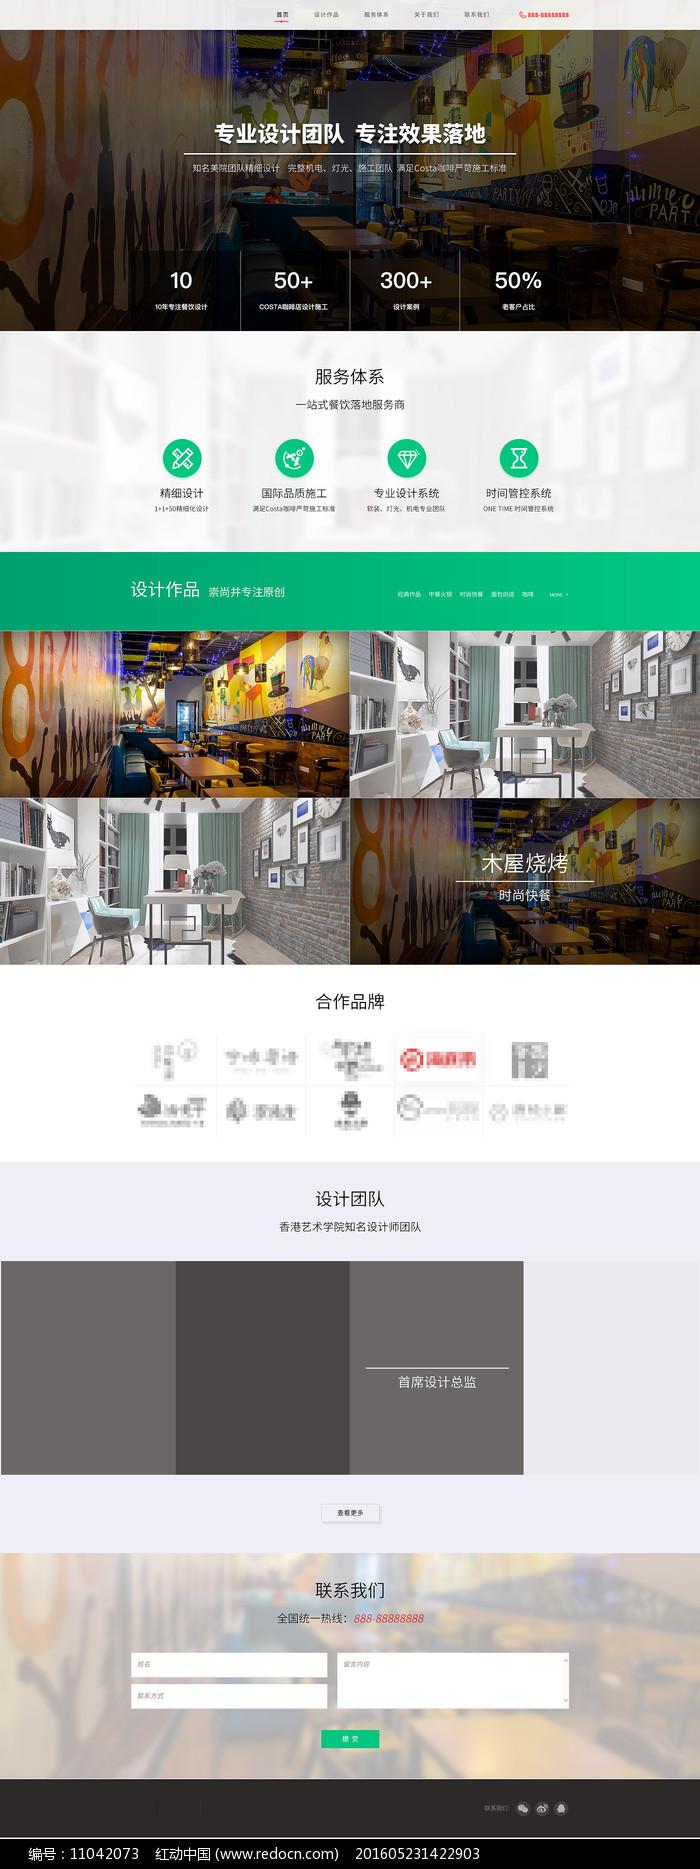 简约家装装潢环境设计公司官方网站首页图片